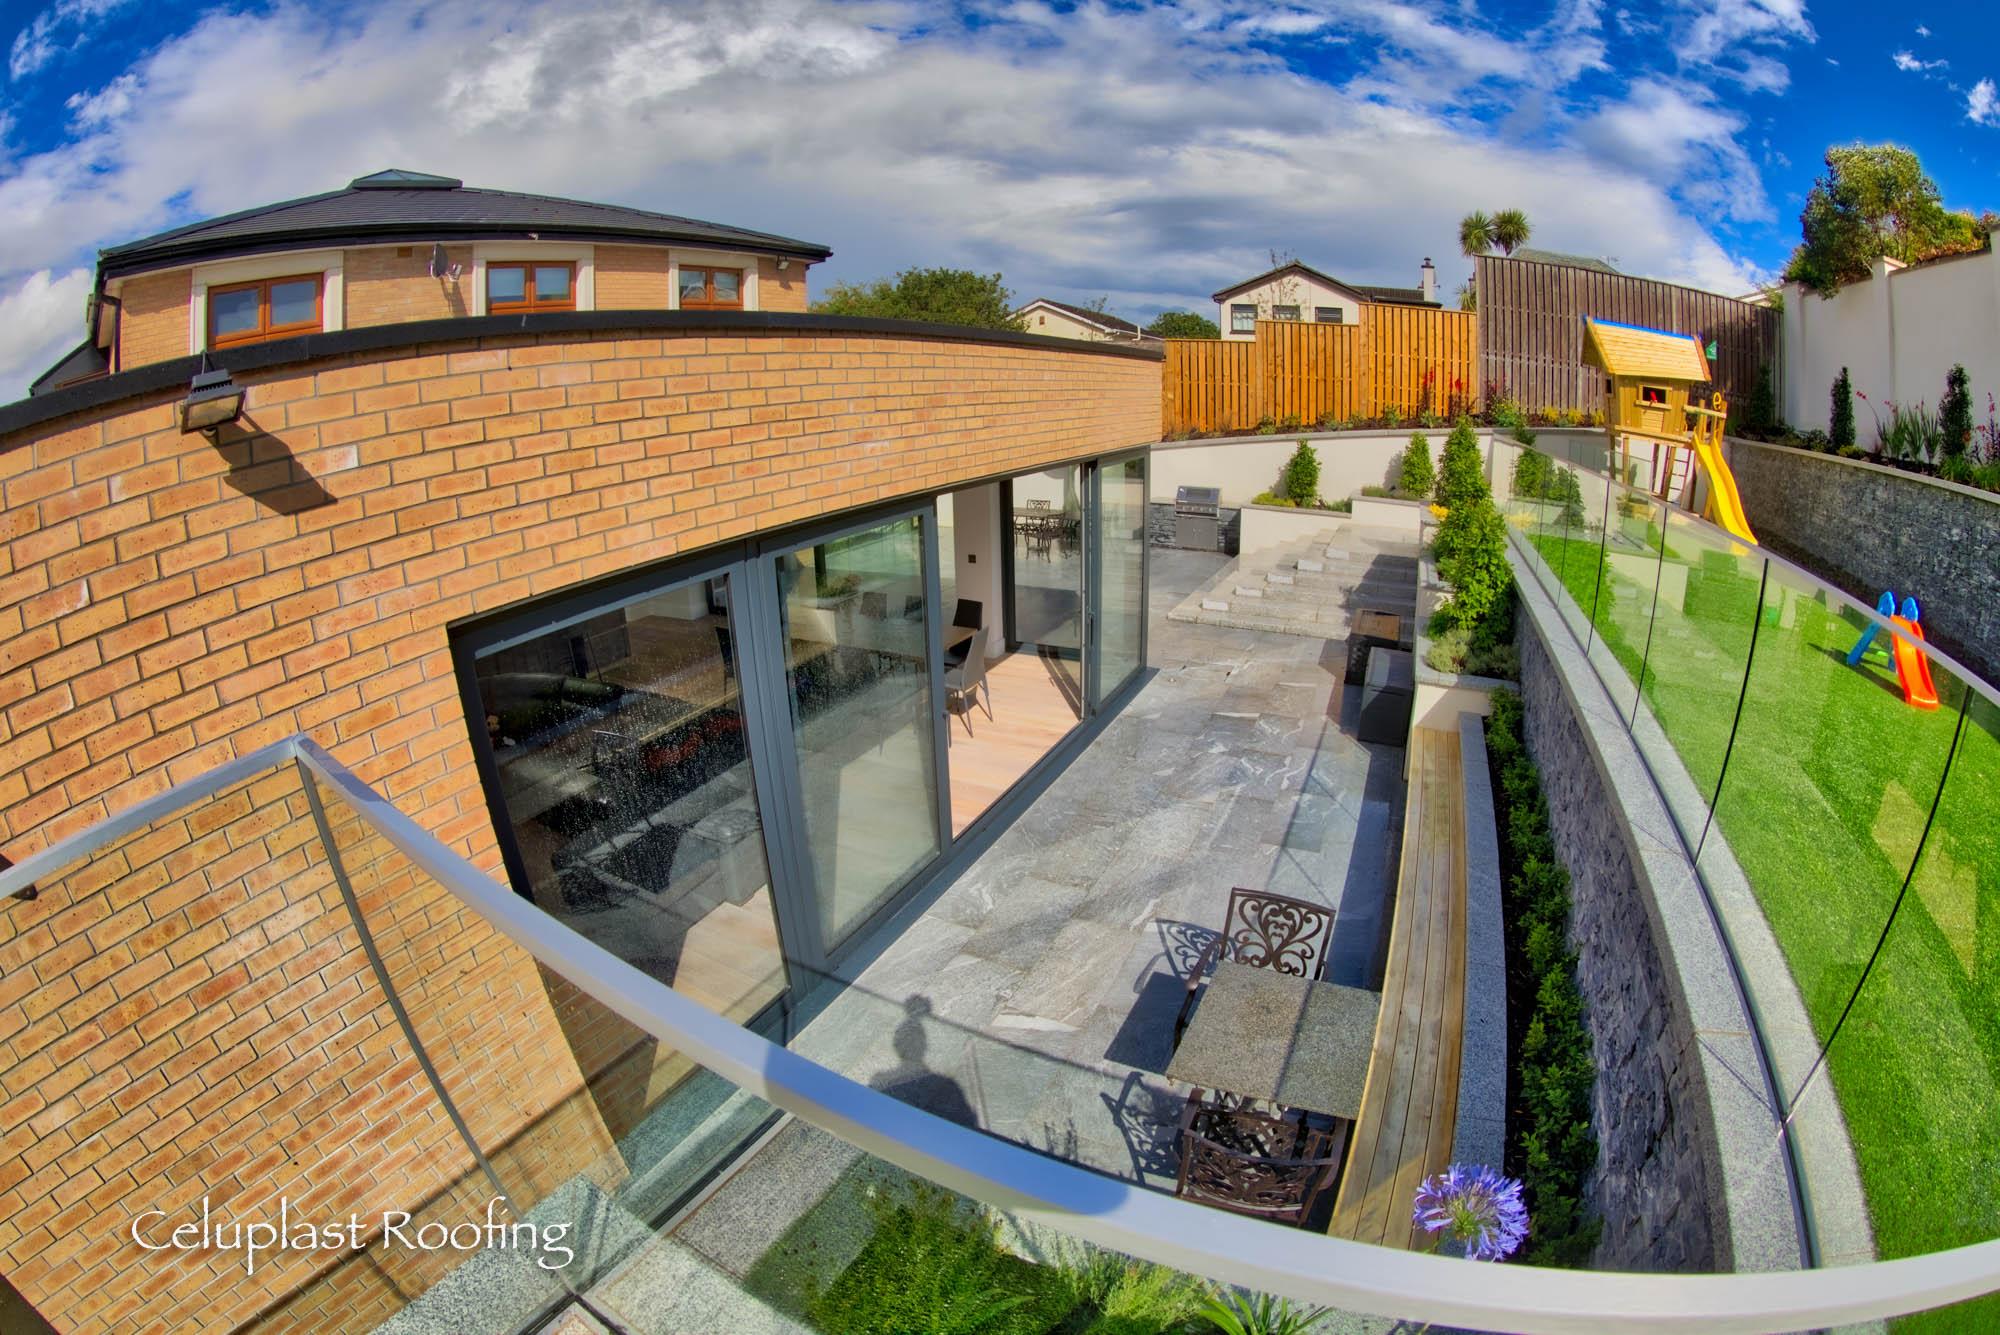 Celuplast Roofing.jpg